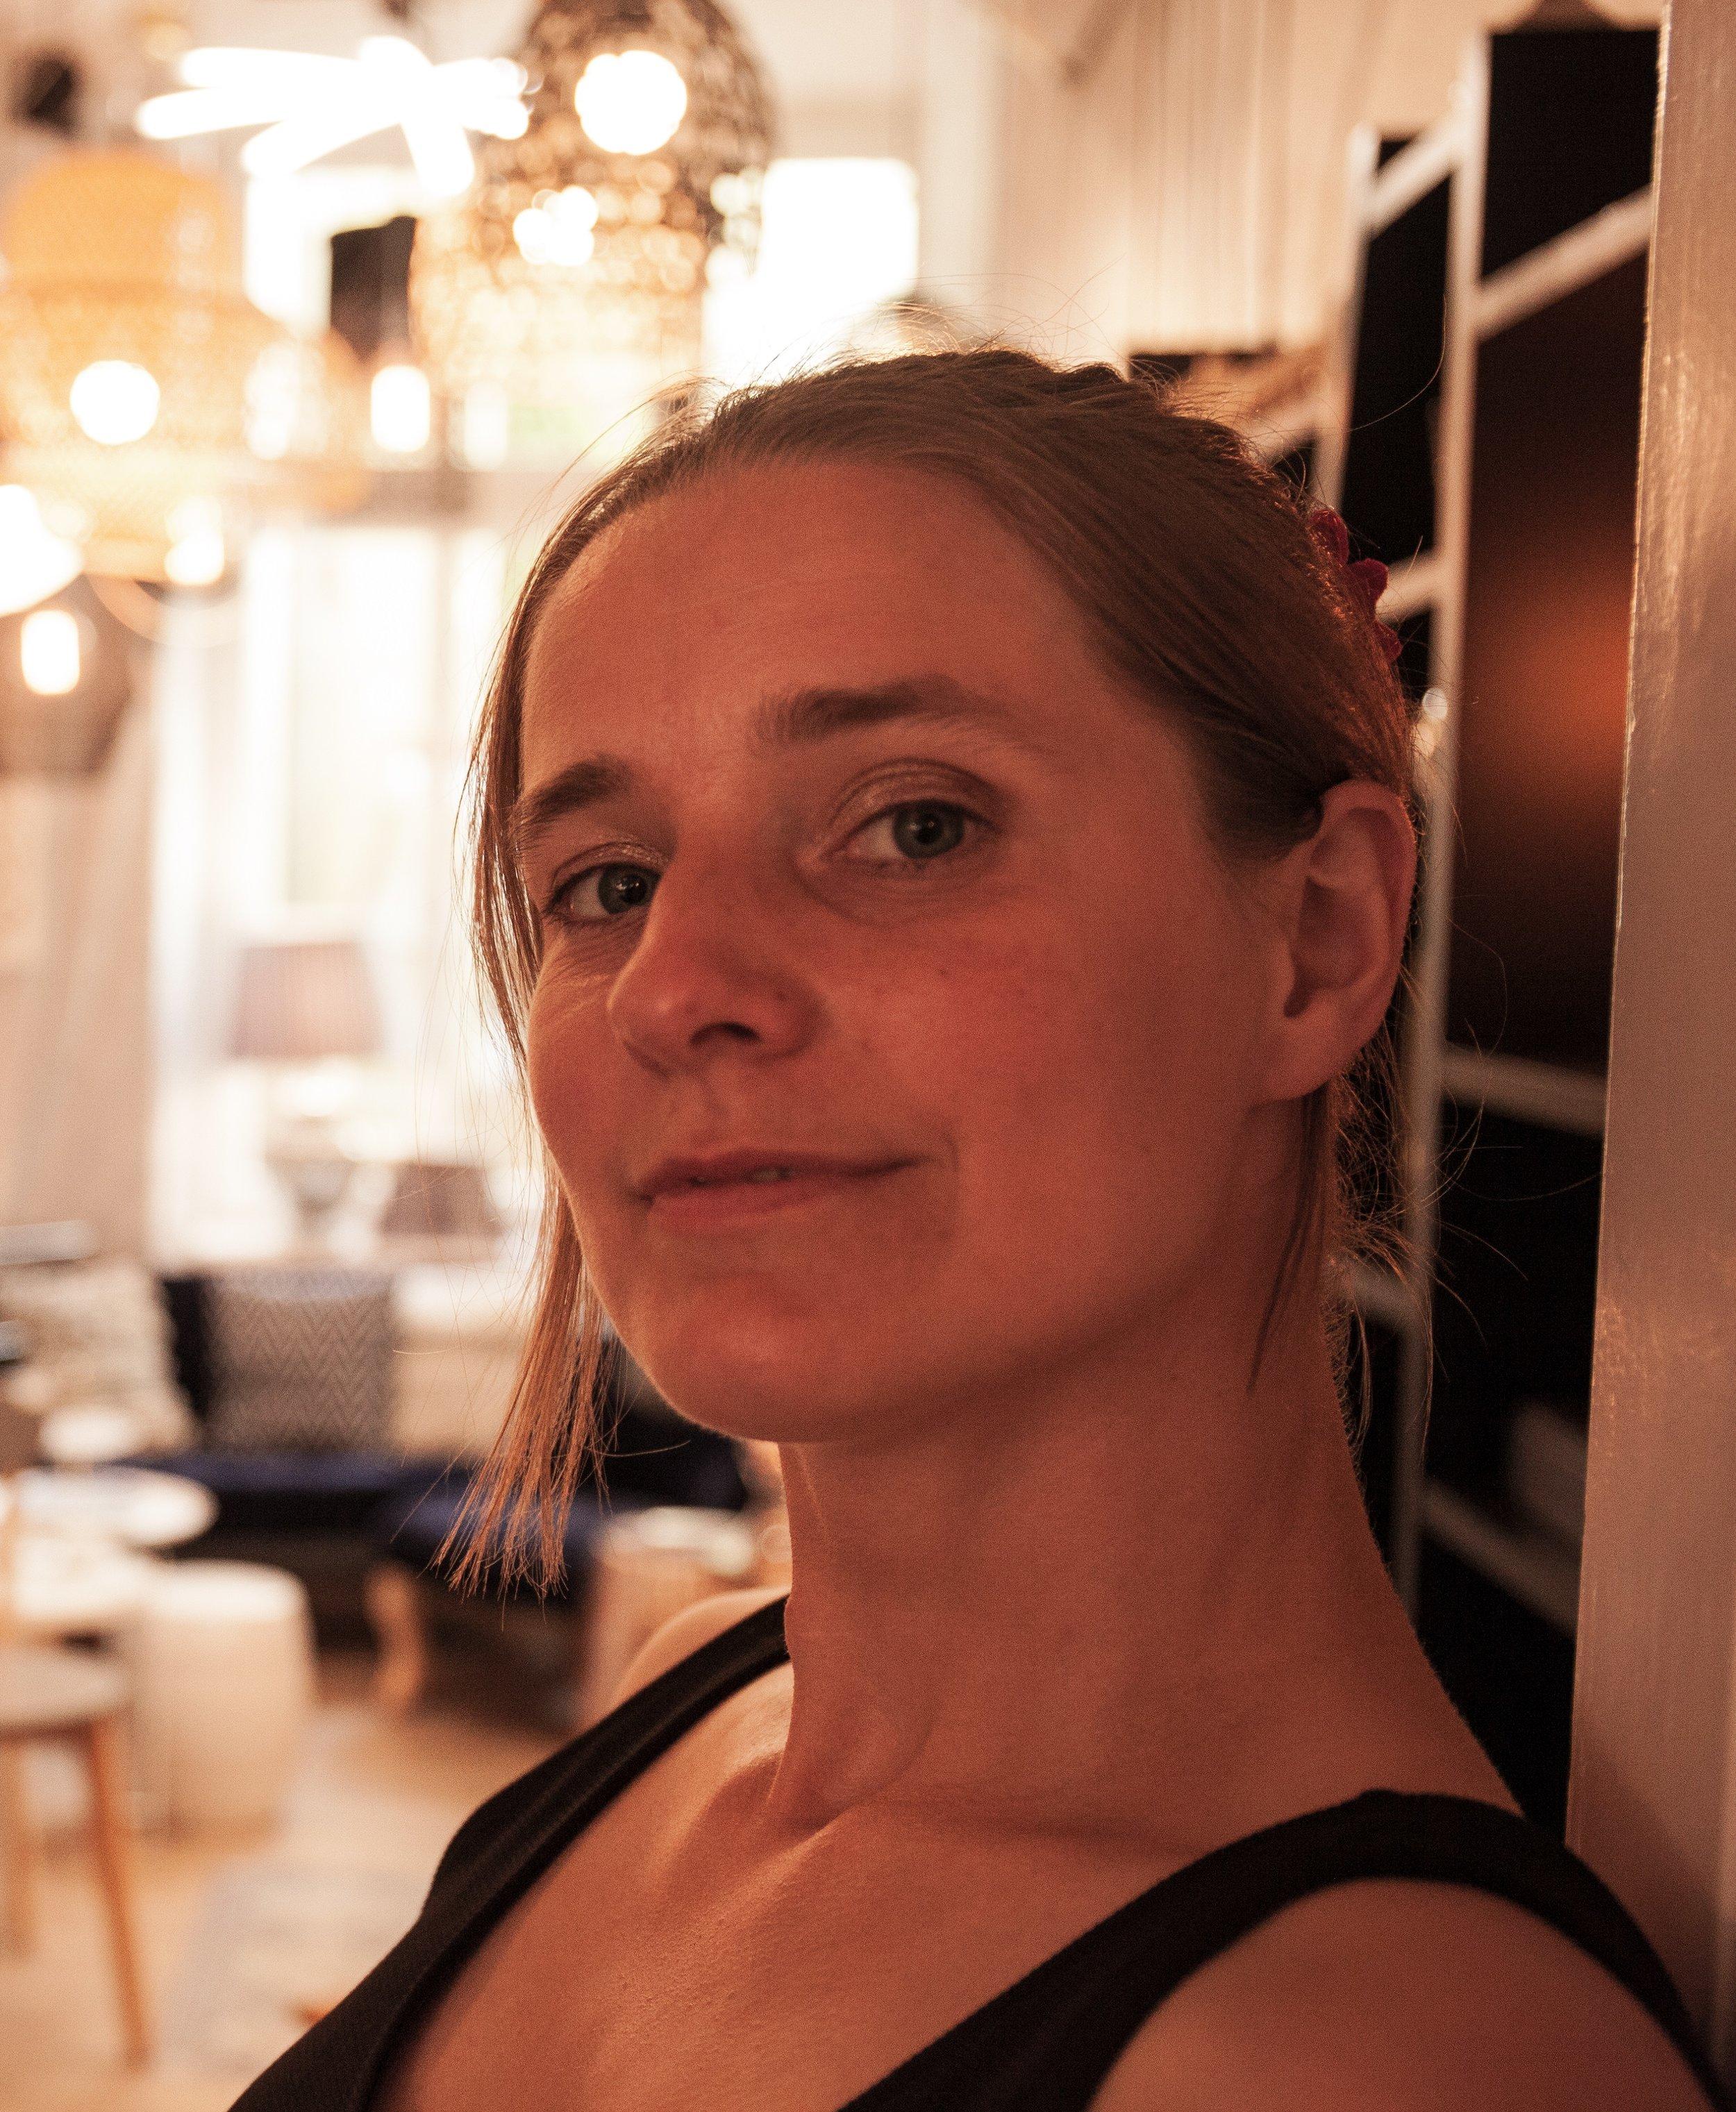 KLAVIER - Uta Schiebelgelernte Tischlerin, sattelte mit 30 noch einmal um, studierte in Greifswald Musik & Wirtschaft B.A. um ihre Leidenschaft zum Beruf zu machen.Seitdem schreibt sie deutsche Chansons mit Rhythmen, die ins Blut gehen. Versuchen Sie die Füße während des Konzerts still zu halten - es wird Ihnen nicht gelingen!